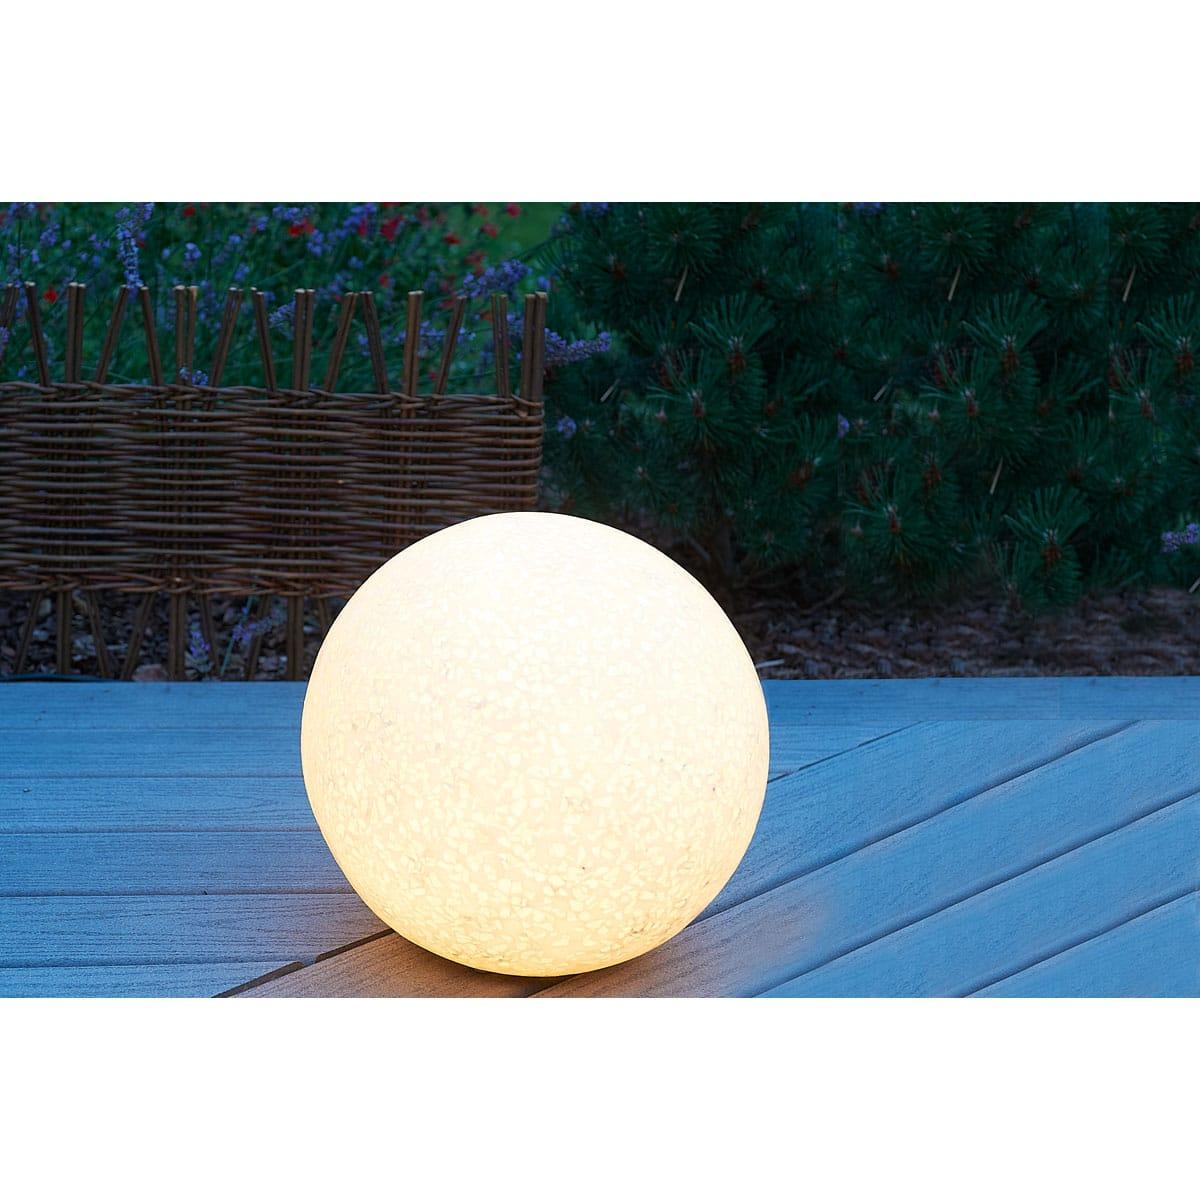 Boule lumineuse ext rieur la liste des petites astuces for Boule lumineuse exterieur